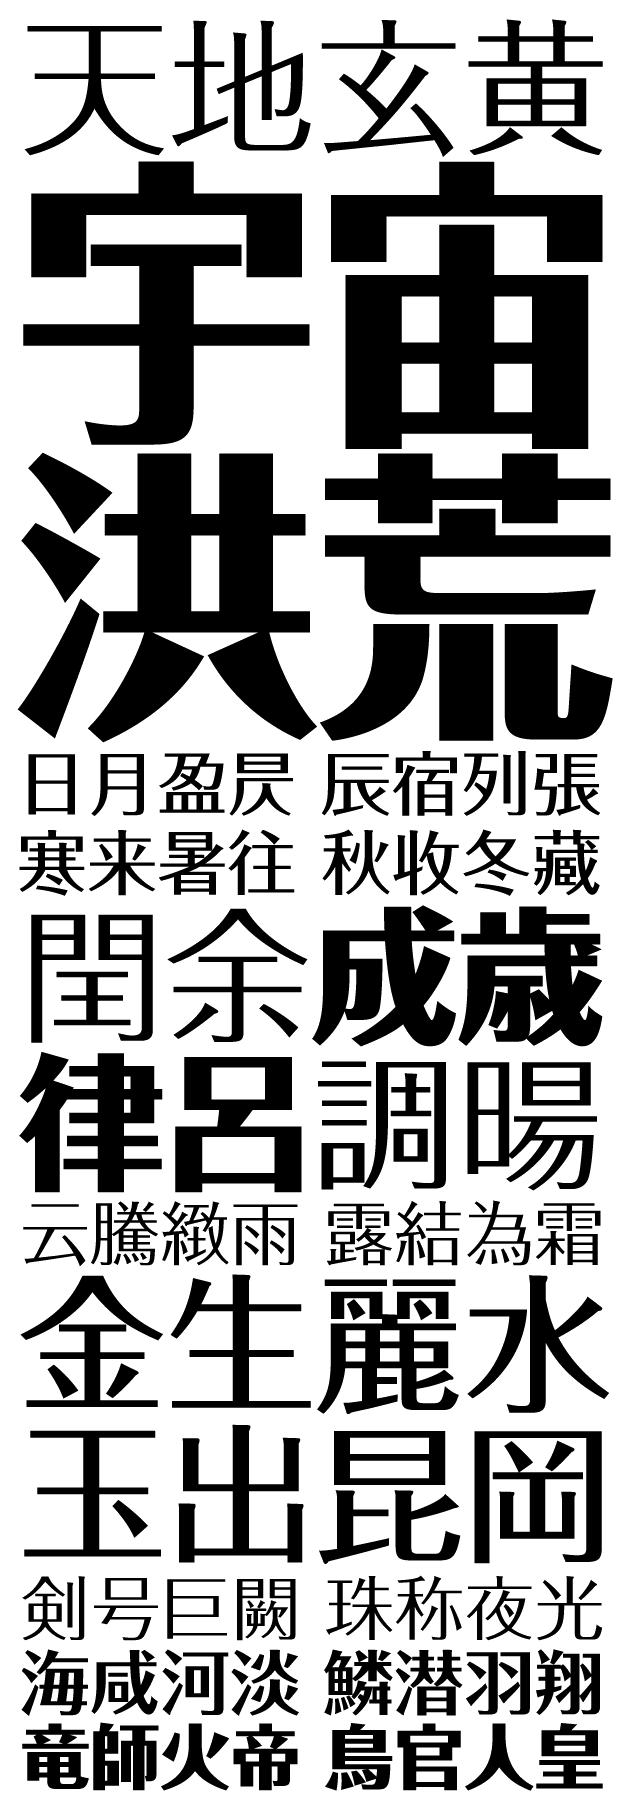 ボード Kanji Typography 漢字タイポグラフィ のピン